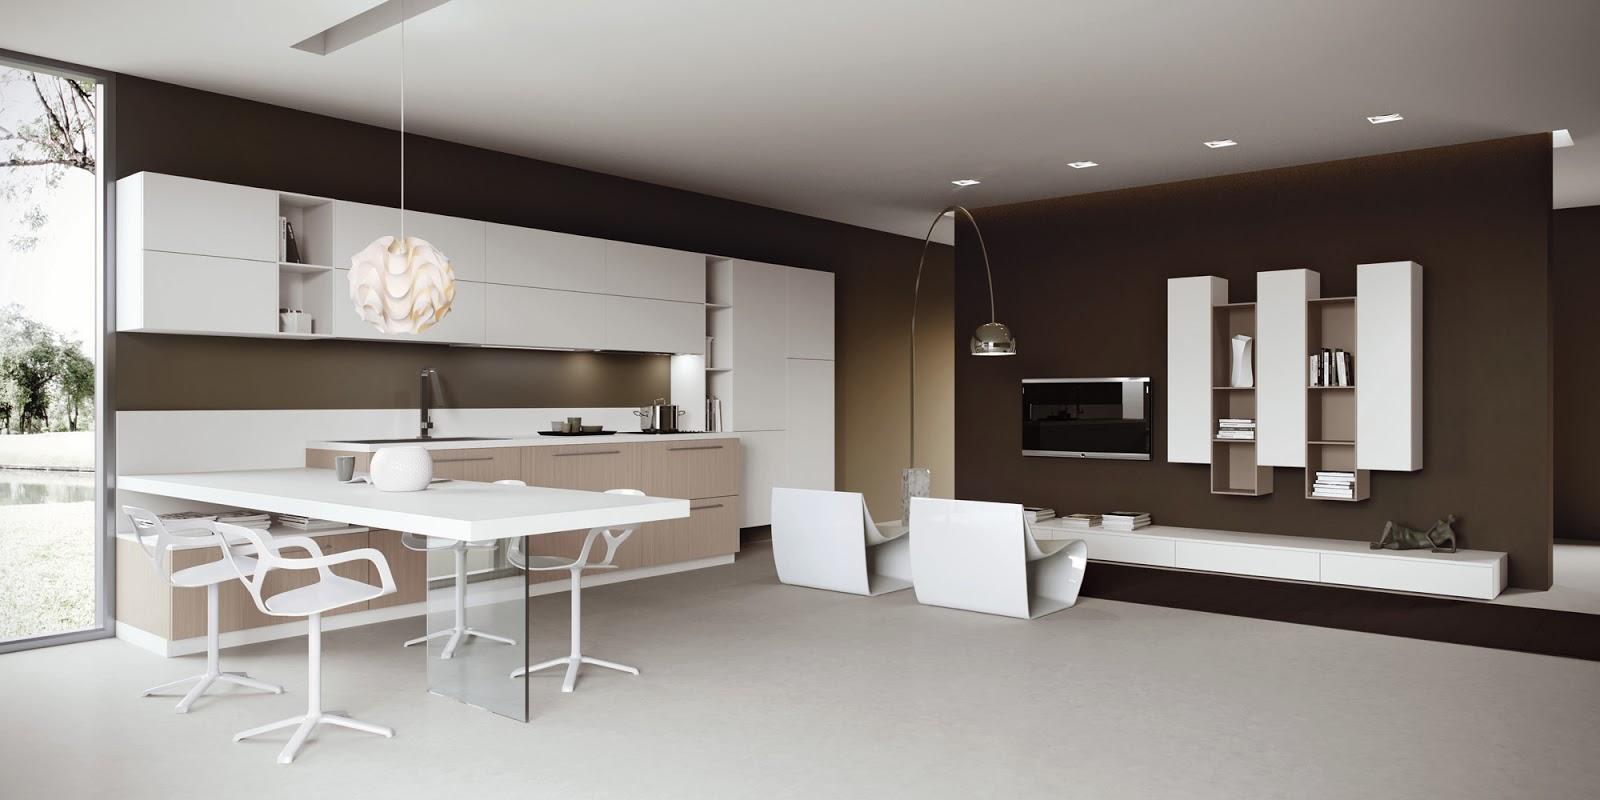 Materiales para cocinas i laminados resistentes y econ micos cocinas con estilo - Decoracion de interiores barato ...